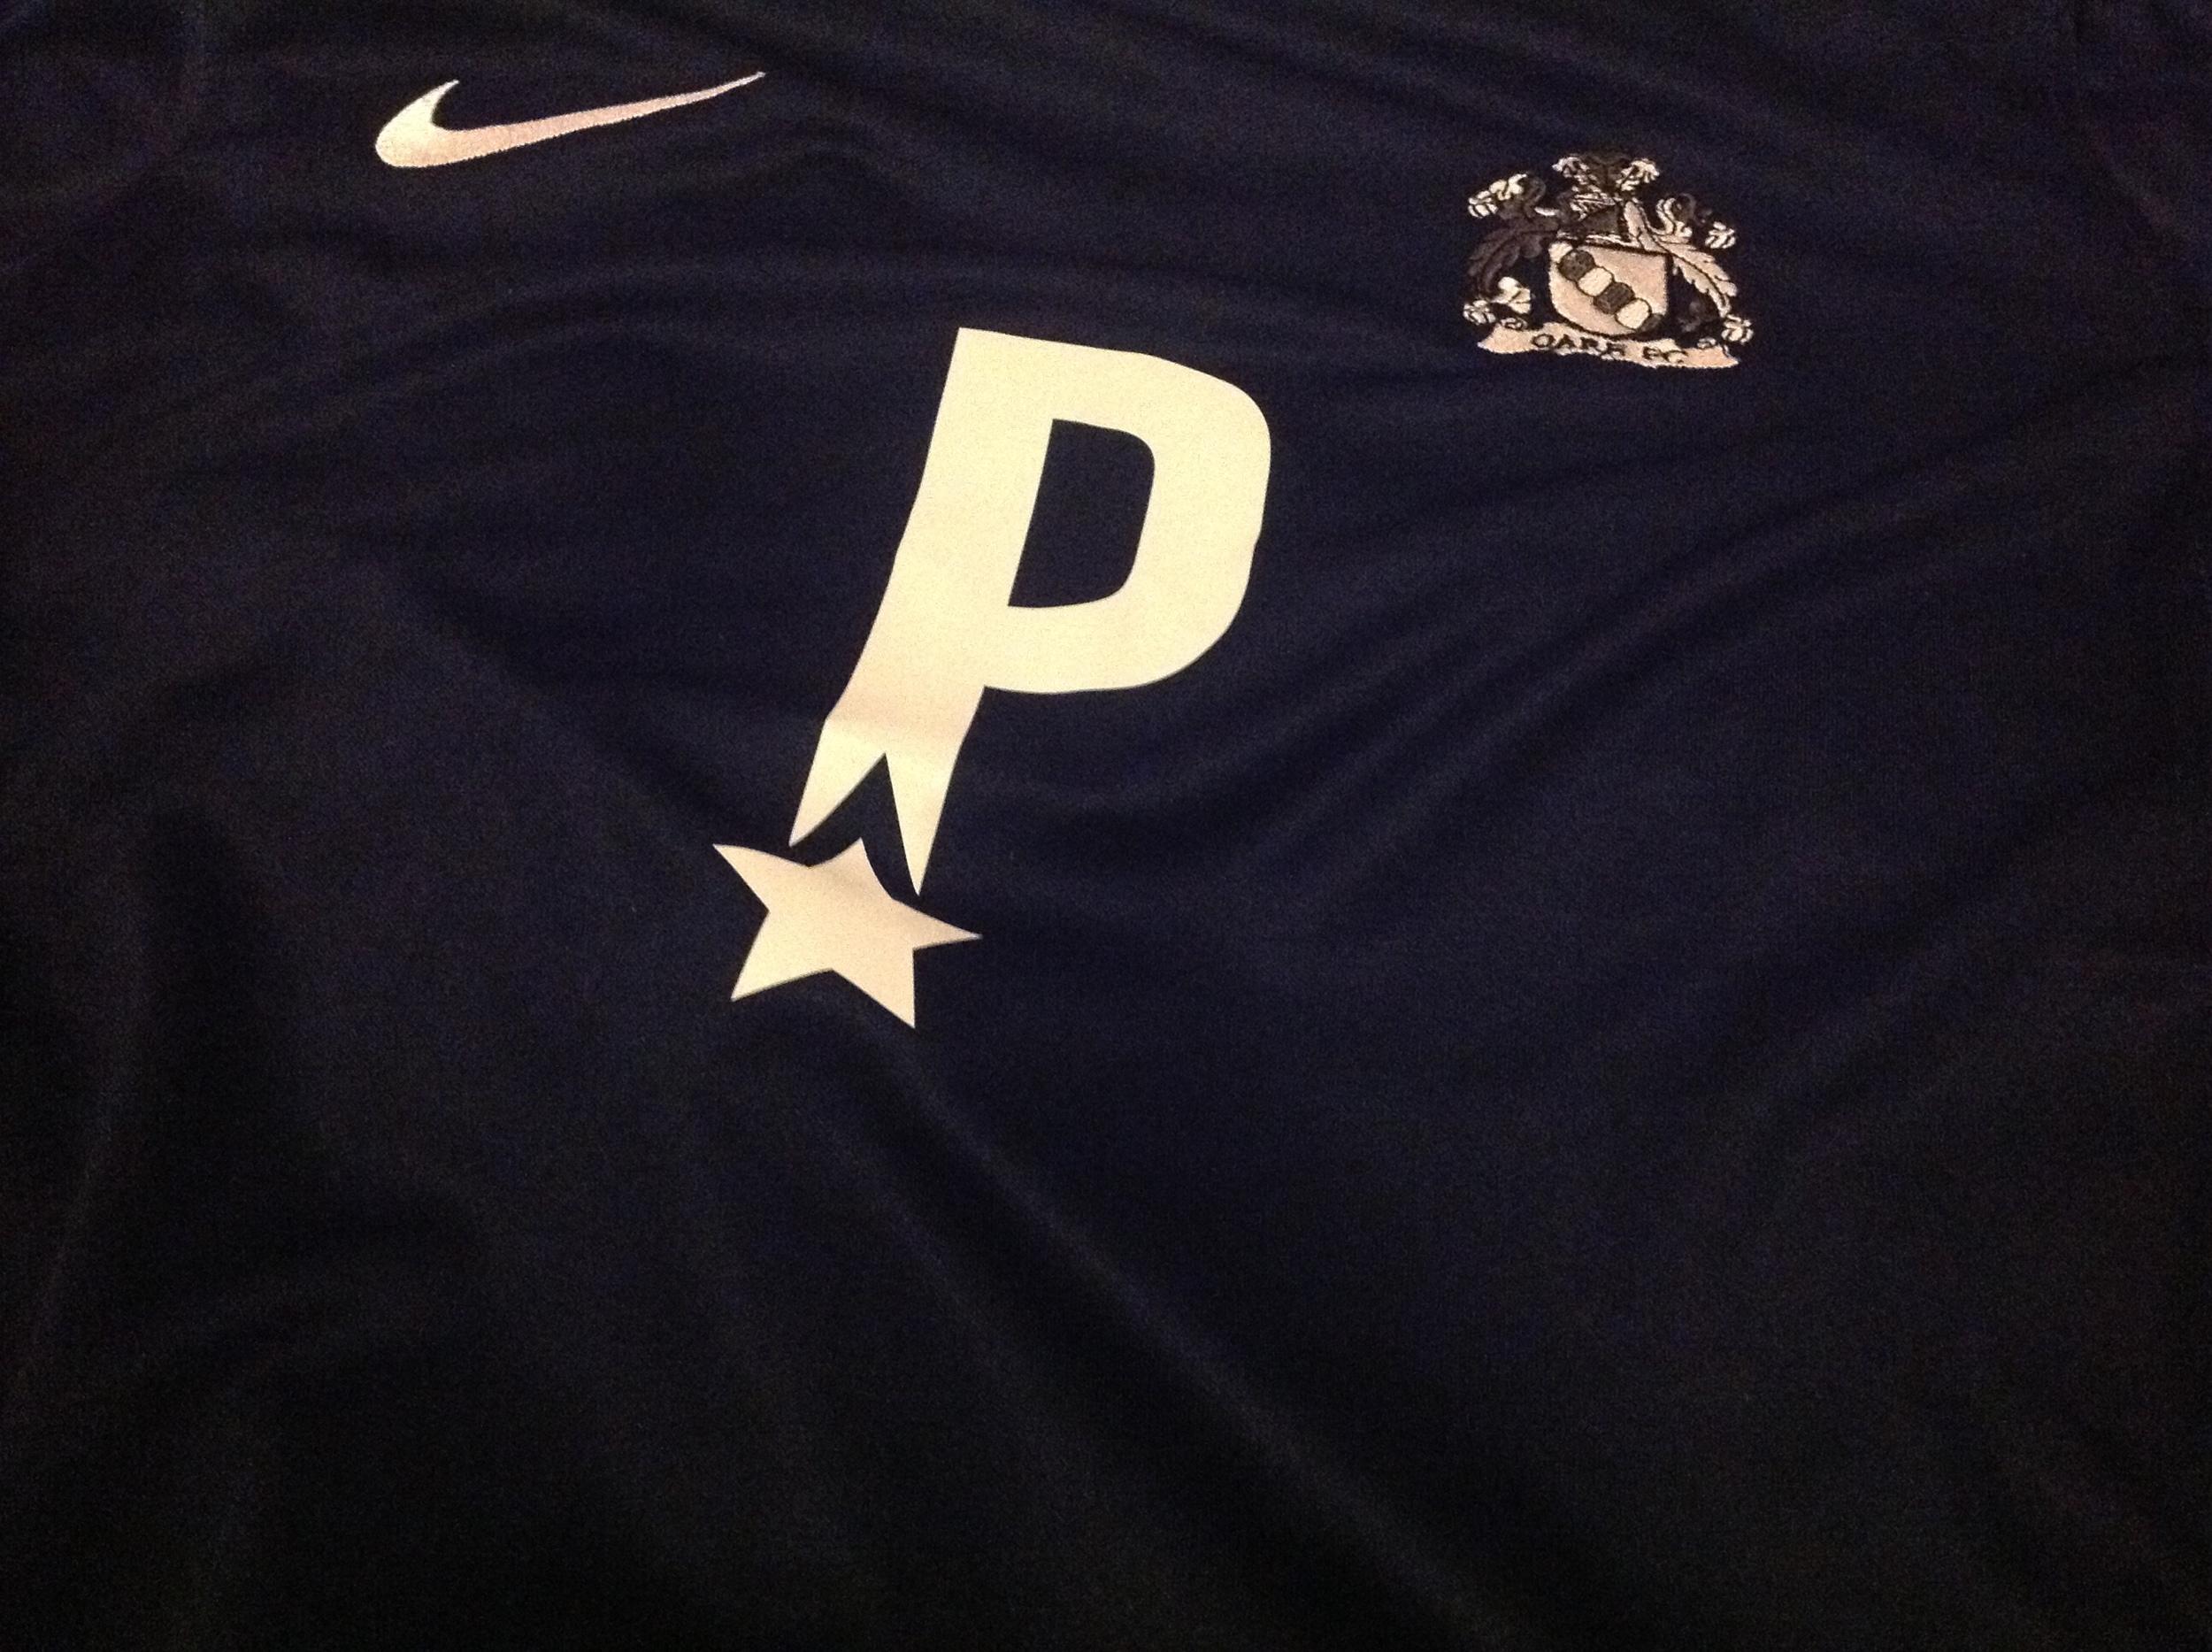 Oare FC Home Jersey 2014/15